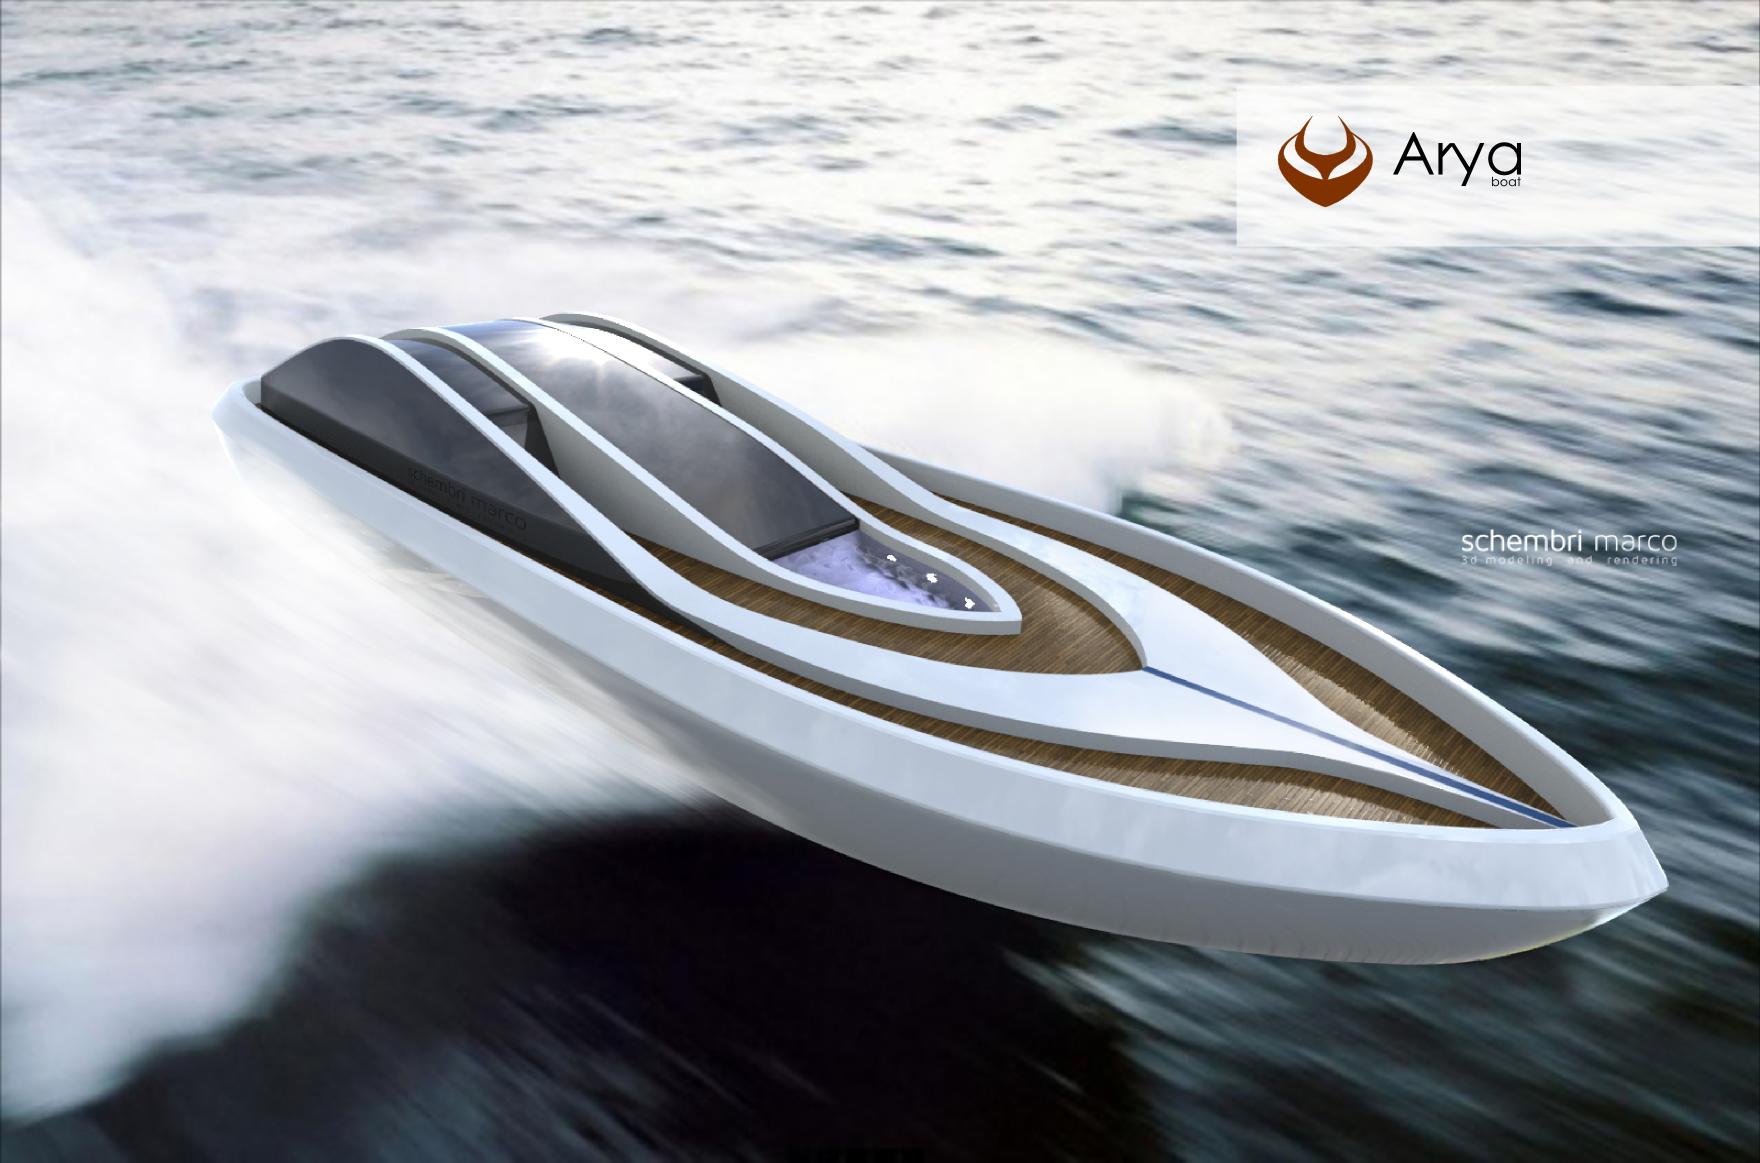 Arya Boat